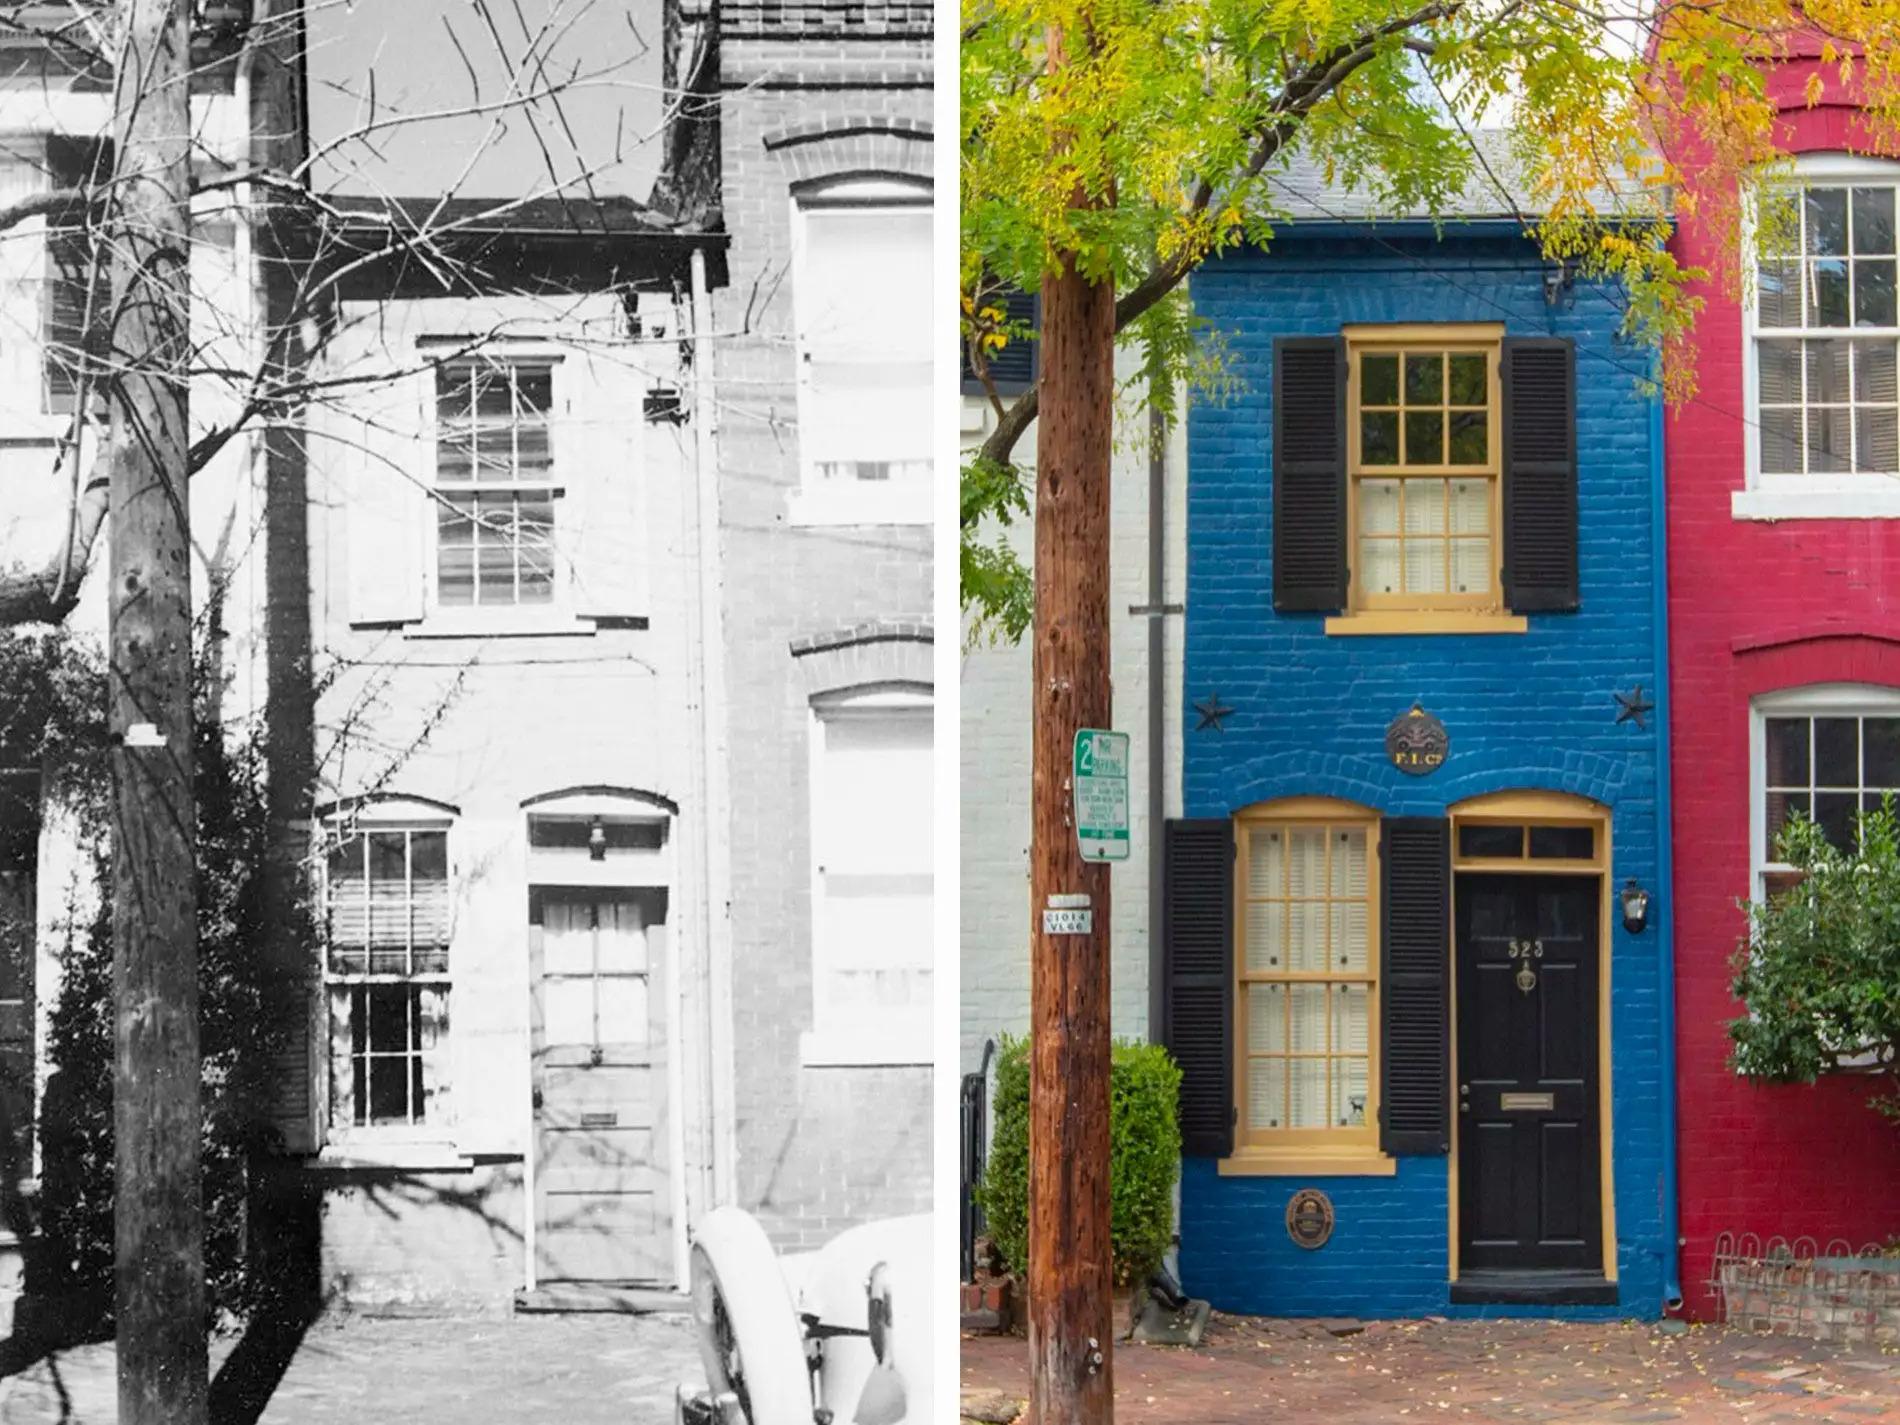 Thiết kế của ngôi nhà không thay đổi quá nhiều. Ảnh: Library of Congress; Kristian Summerer/Visit Alexandria